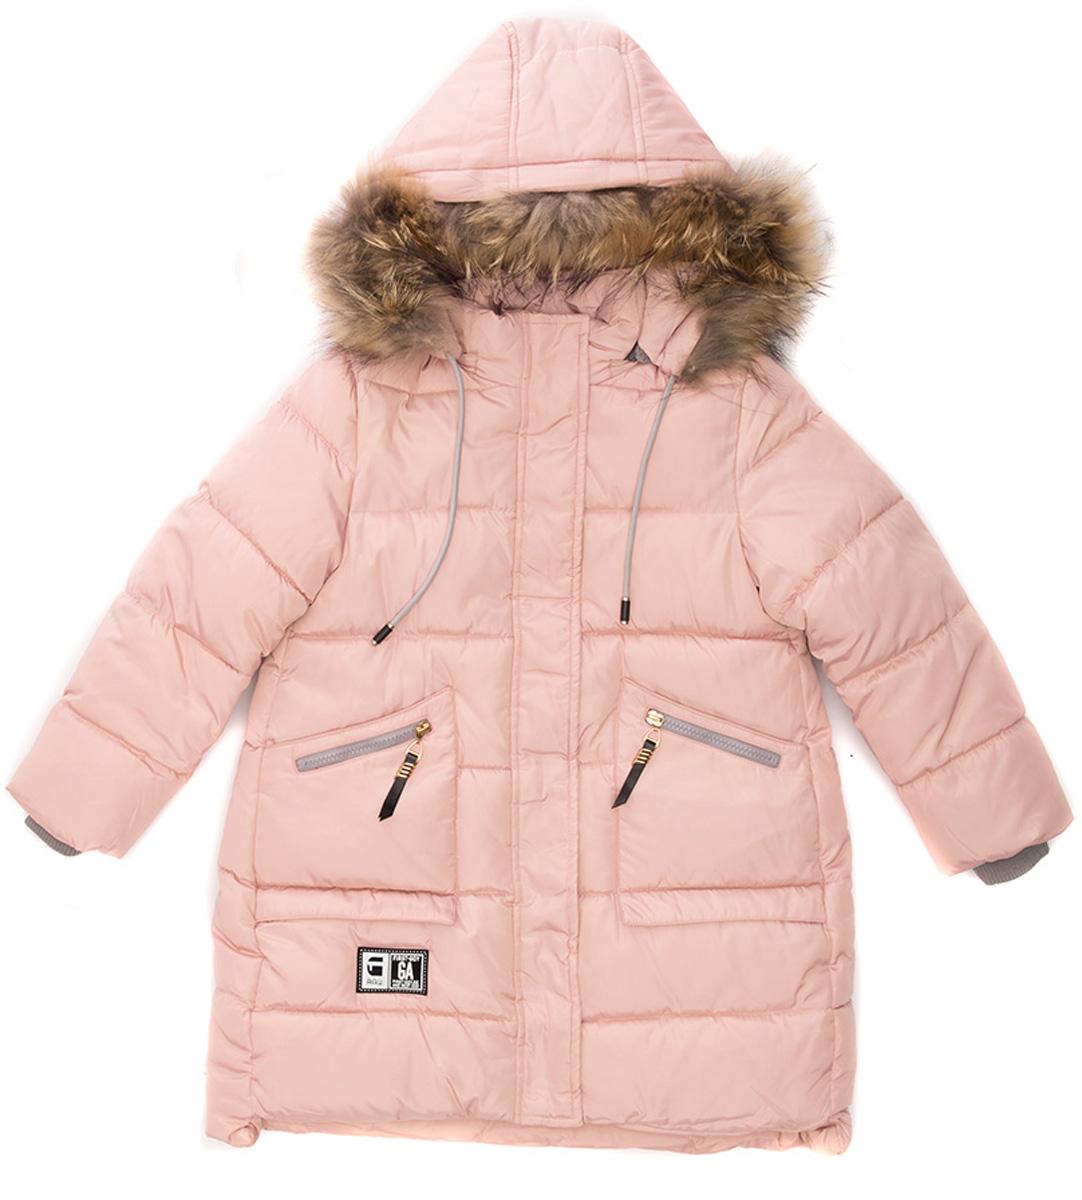 Куртка для девочки Vitacci, цвет: пудровый. 2171477-48. Размер 1582171477-48Удлиненная куртка для девочки Vitacci, изготовленная из полиэстера, станет стильнымдополнением к детскому гардеробу.Подкладка выполнена из полиэстера и дополнительно утеплена флисом по спинке. В качестве наполнителя используется биопух.Модель застегивается на застежку-молнию. Имеются съемный капюшон с опушкой из натурального меха и ветрозащитная планка. Спереди расположены два кармана на молнии.Температурный режим от -10°С до -25°С.Теплая, удобная и практичная куртка идеально подойдет юной моднице для прогулок!